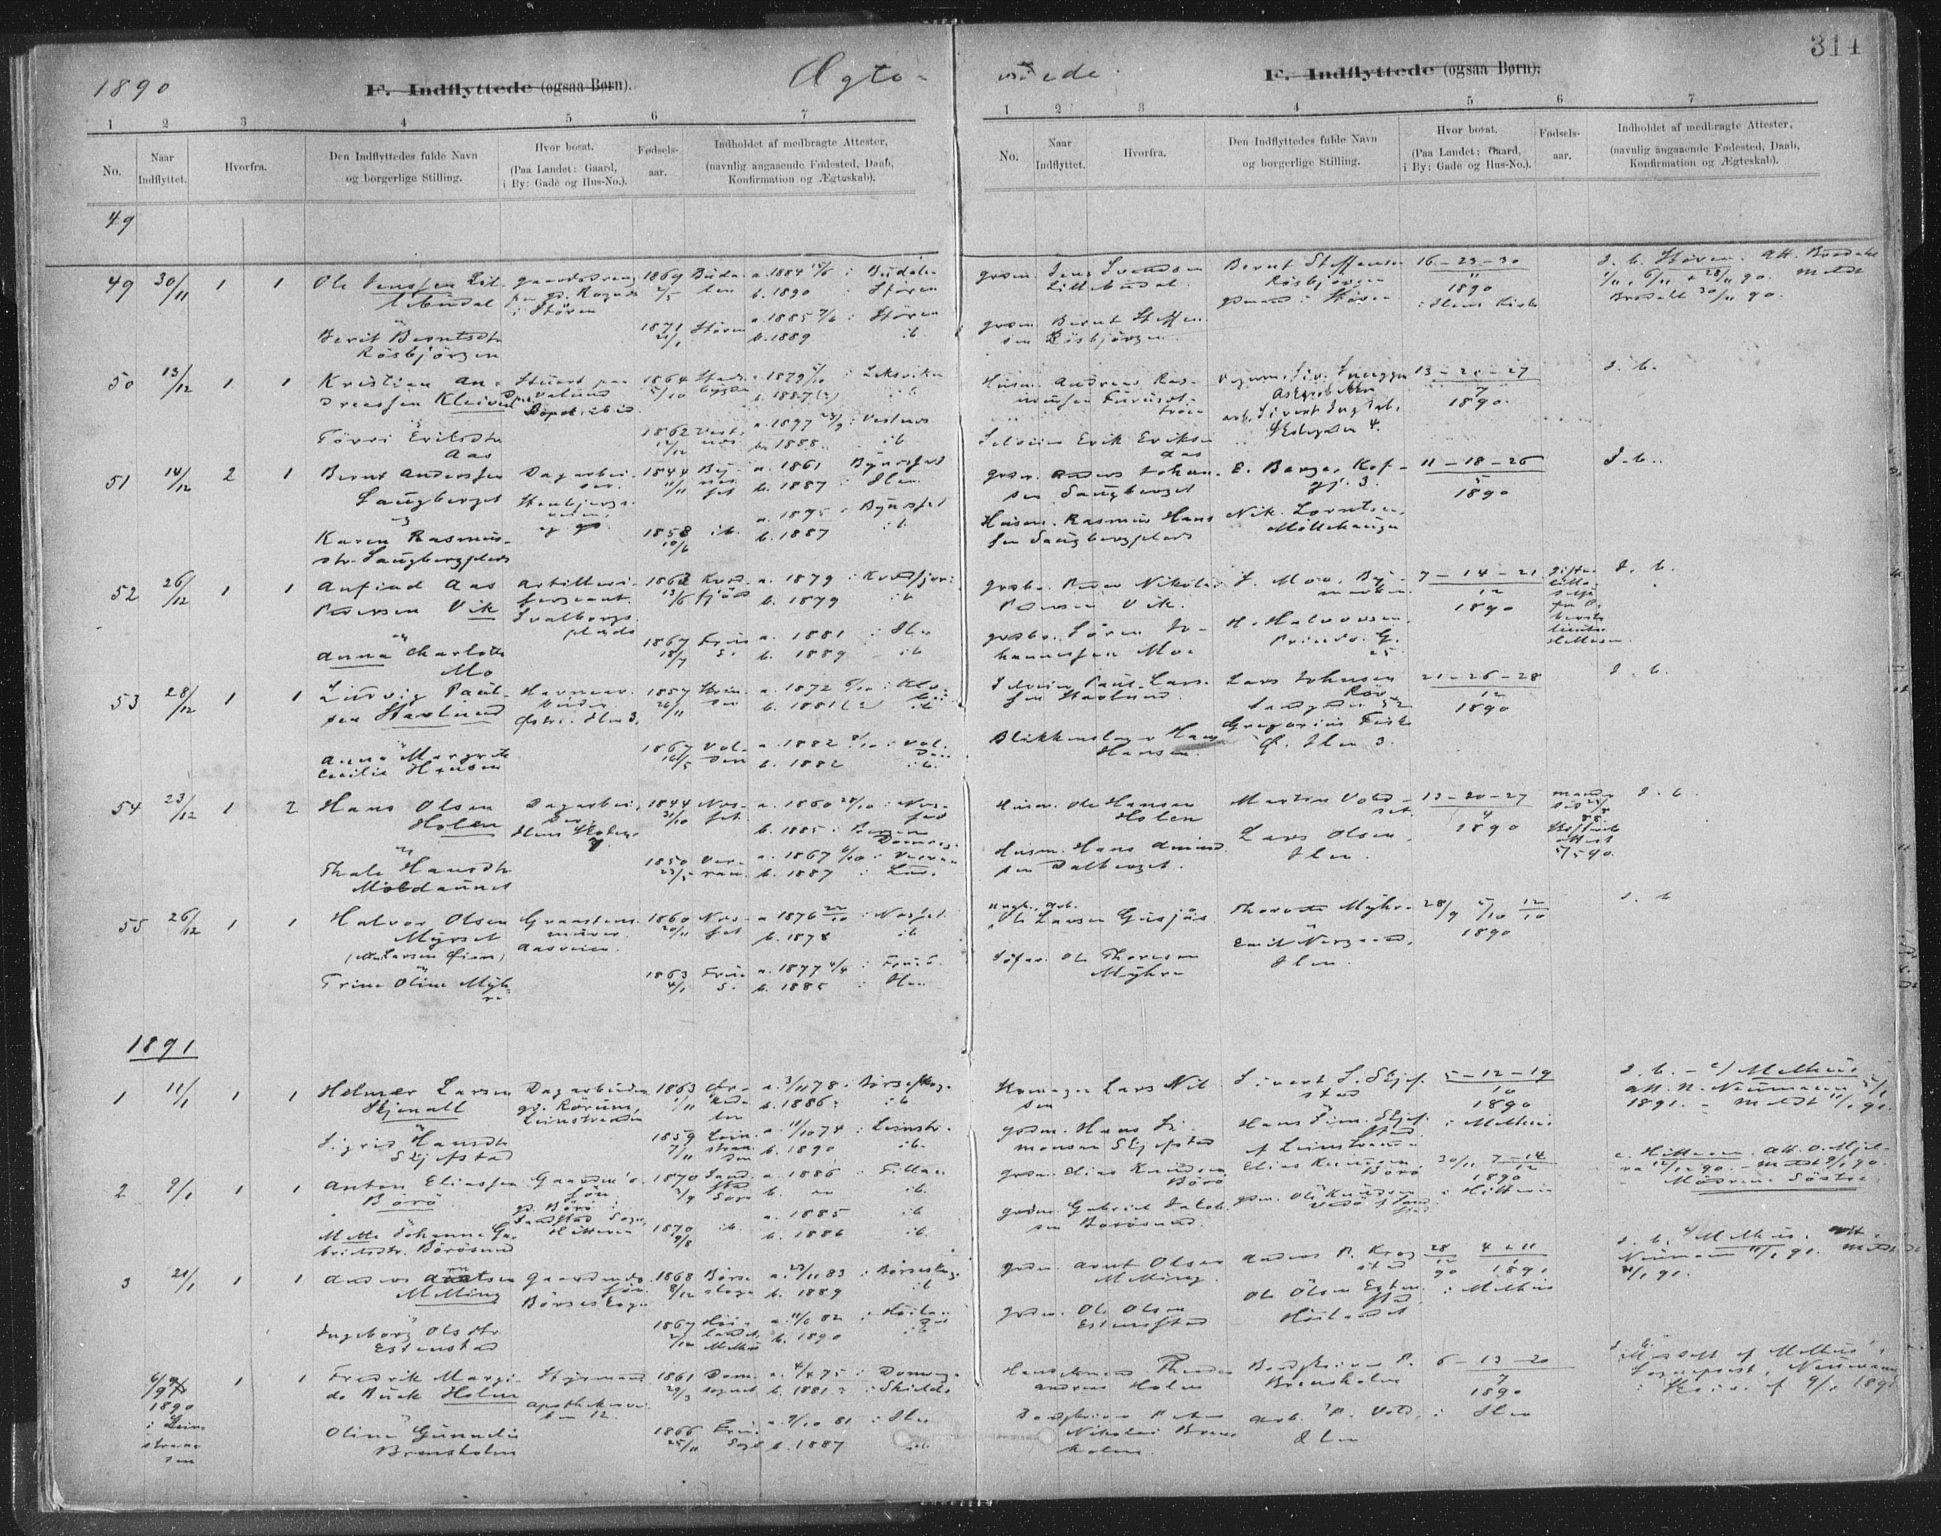 SAT, Ministerialprotokoller, klokkerbøker og fødselsregistre - Sør-Trøndelag, 603/L0163: Ministerialbok nr. 603A02, 1879-1895, s. 314